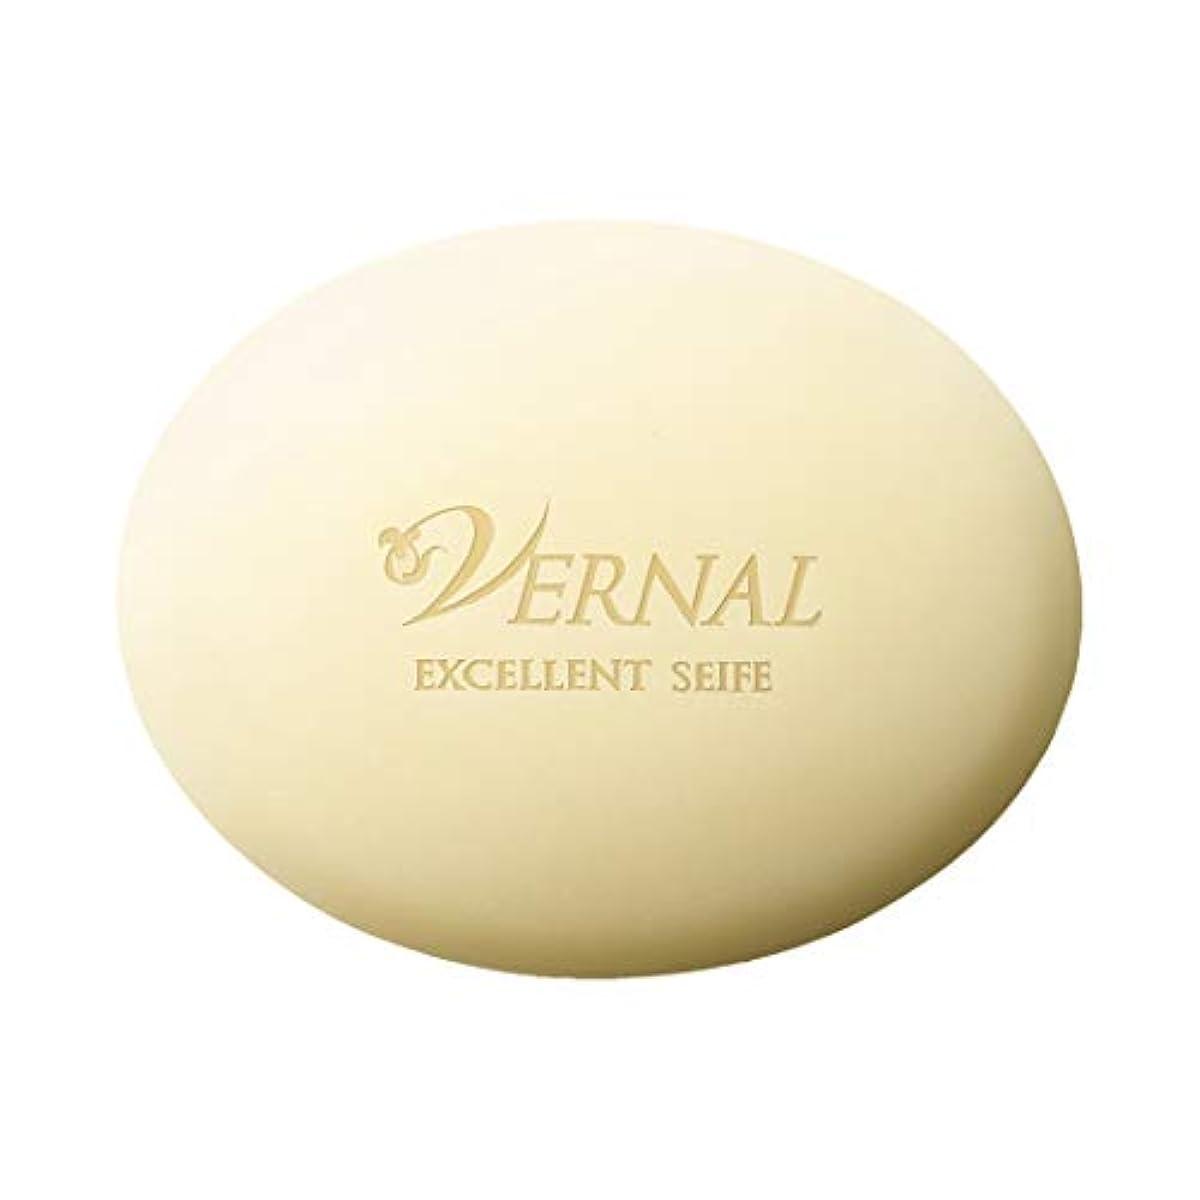 飾り羽白鳥意味エクセレントザイフ110g/ヴァーナル 洗顔石鹸 仕上げ洗顔